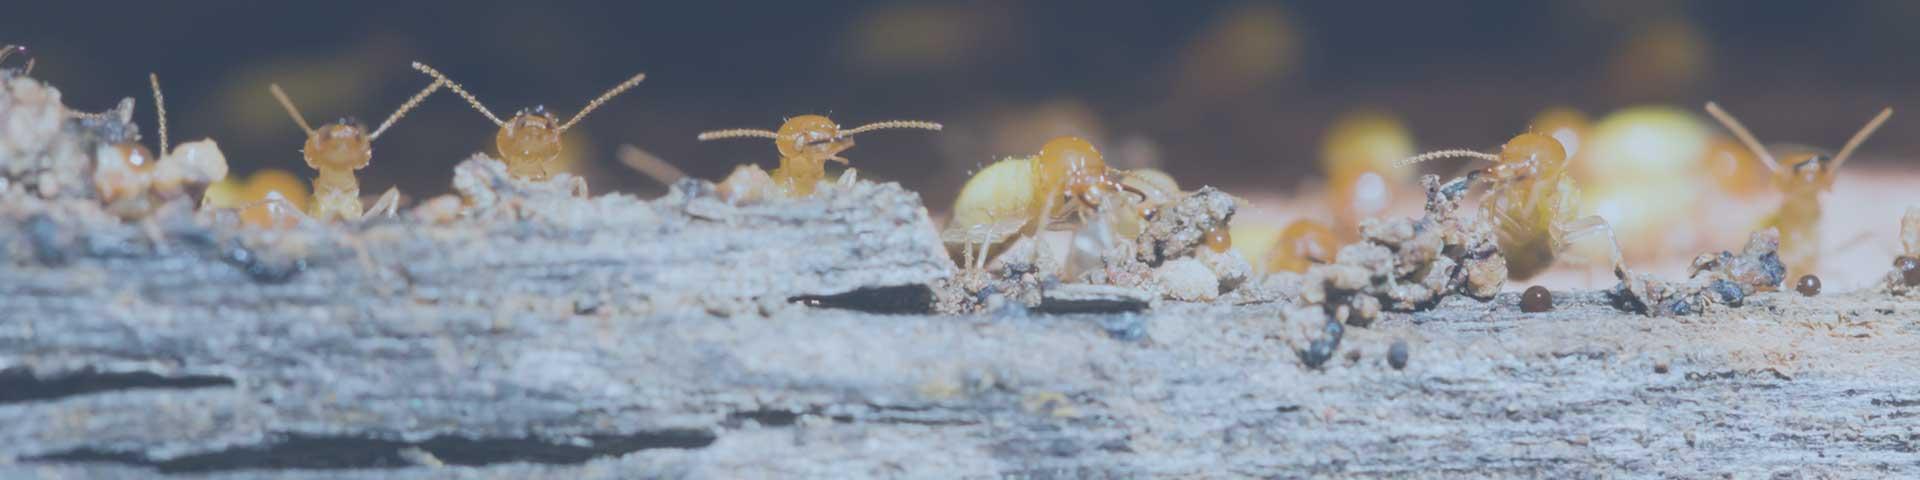 Stéphane Sangline, Diagnostic Termites